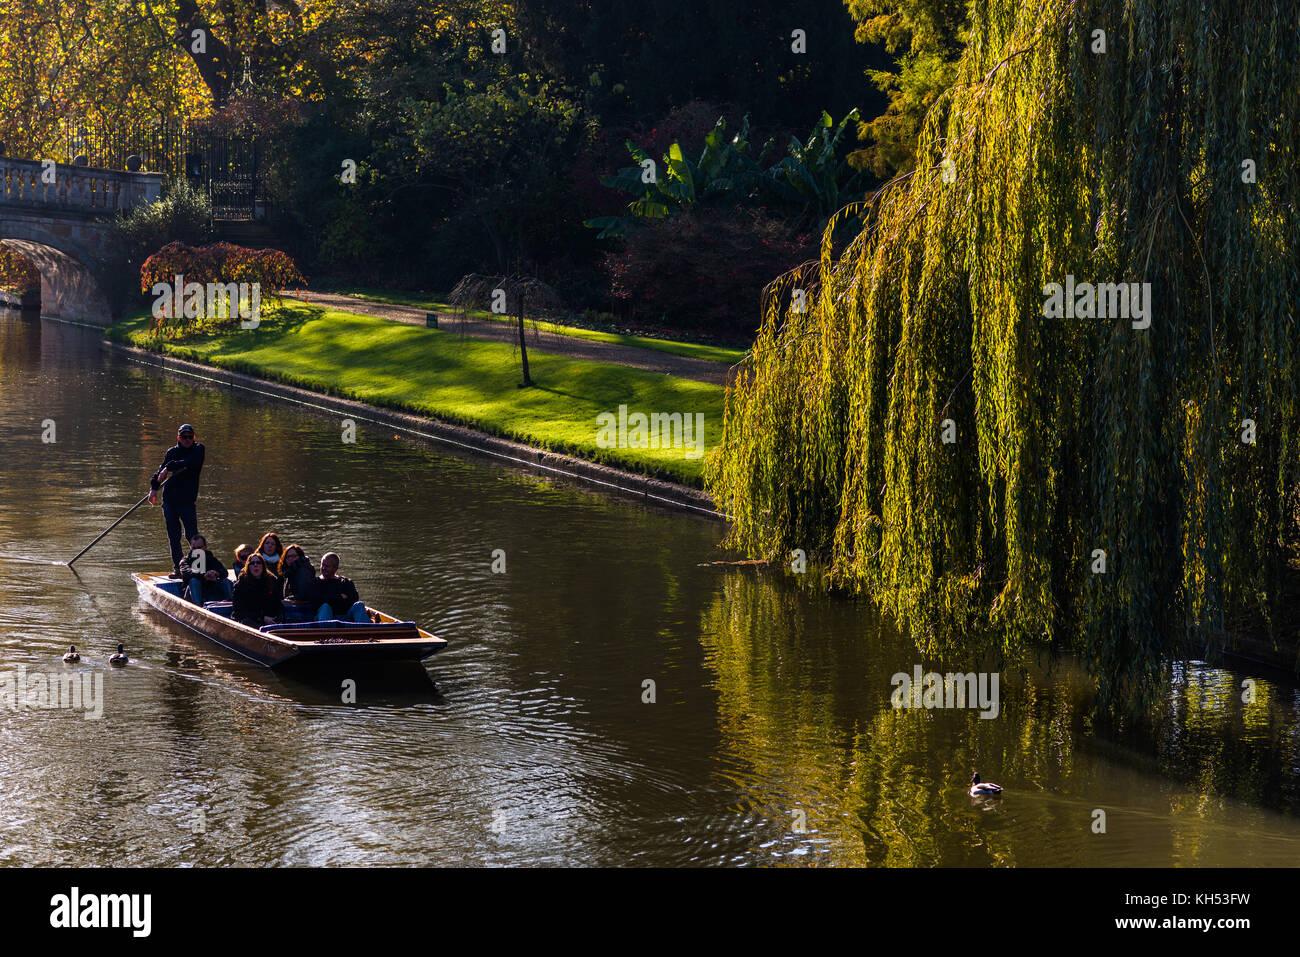 Punting auf dem Fluss Cam neben einem Weeping Willow Tree in der 'Backs', Cambridge, Cambridgeshire, England, Stockbild